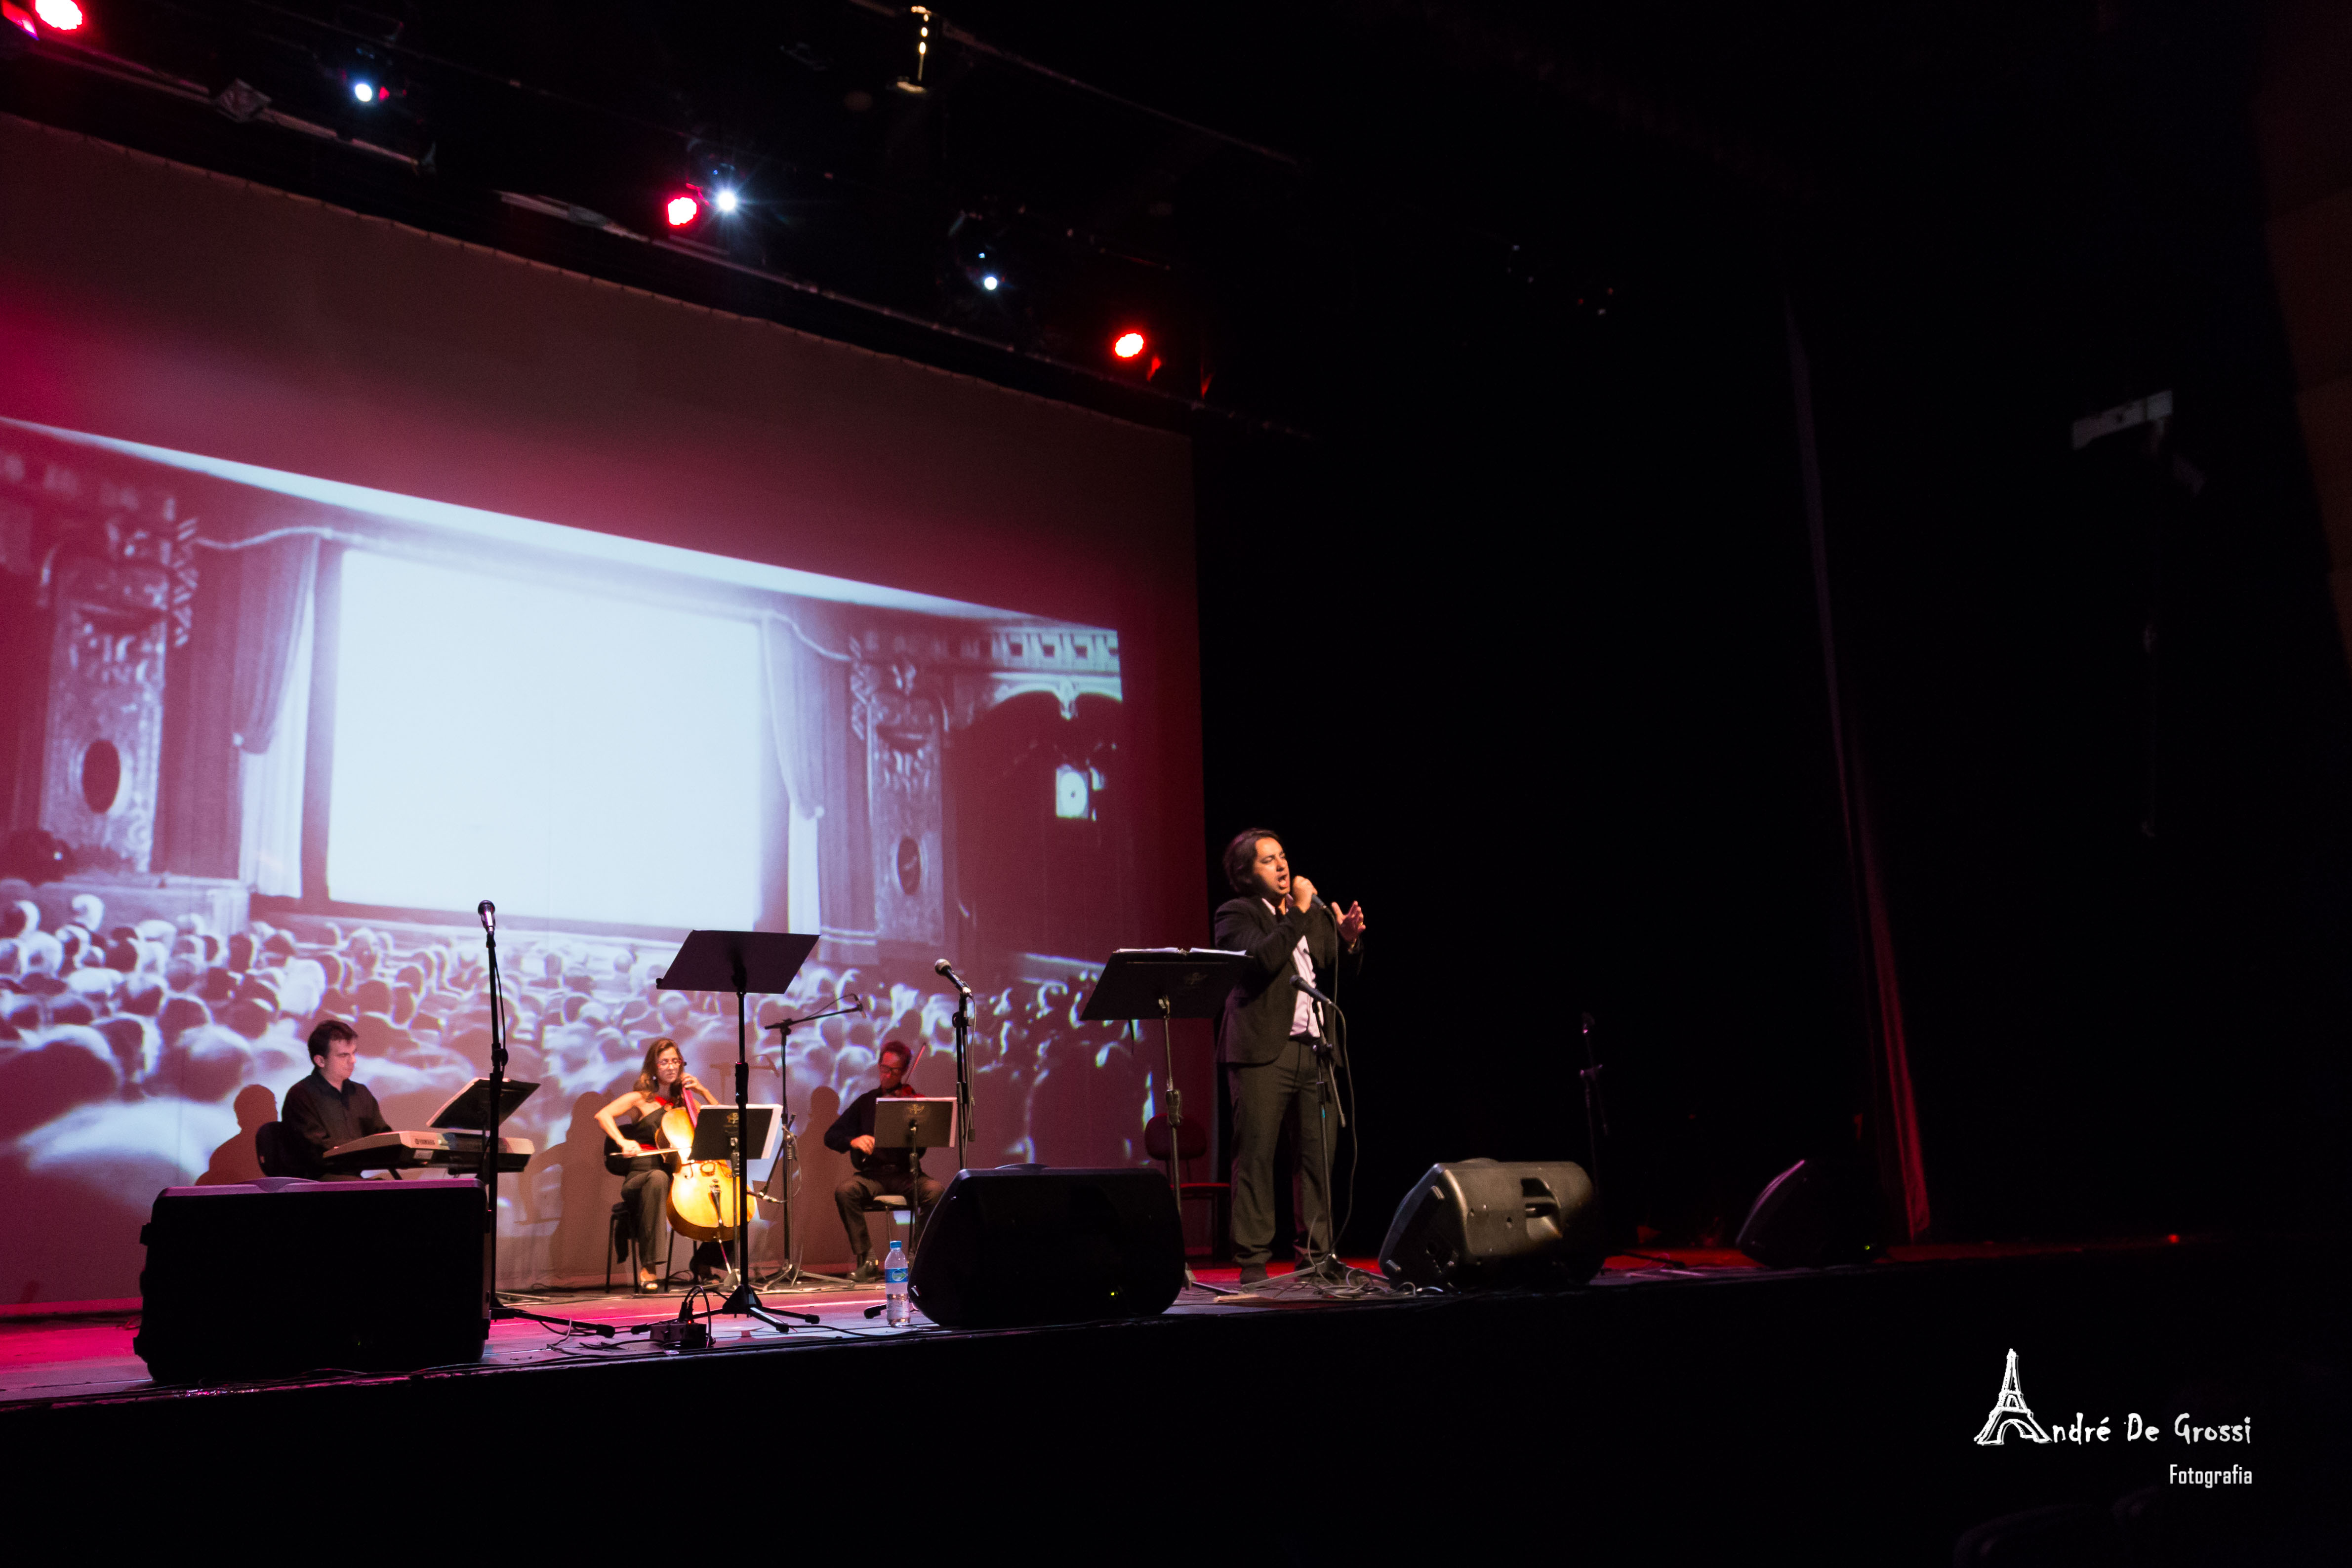 Cinema in concert